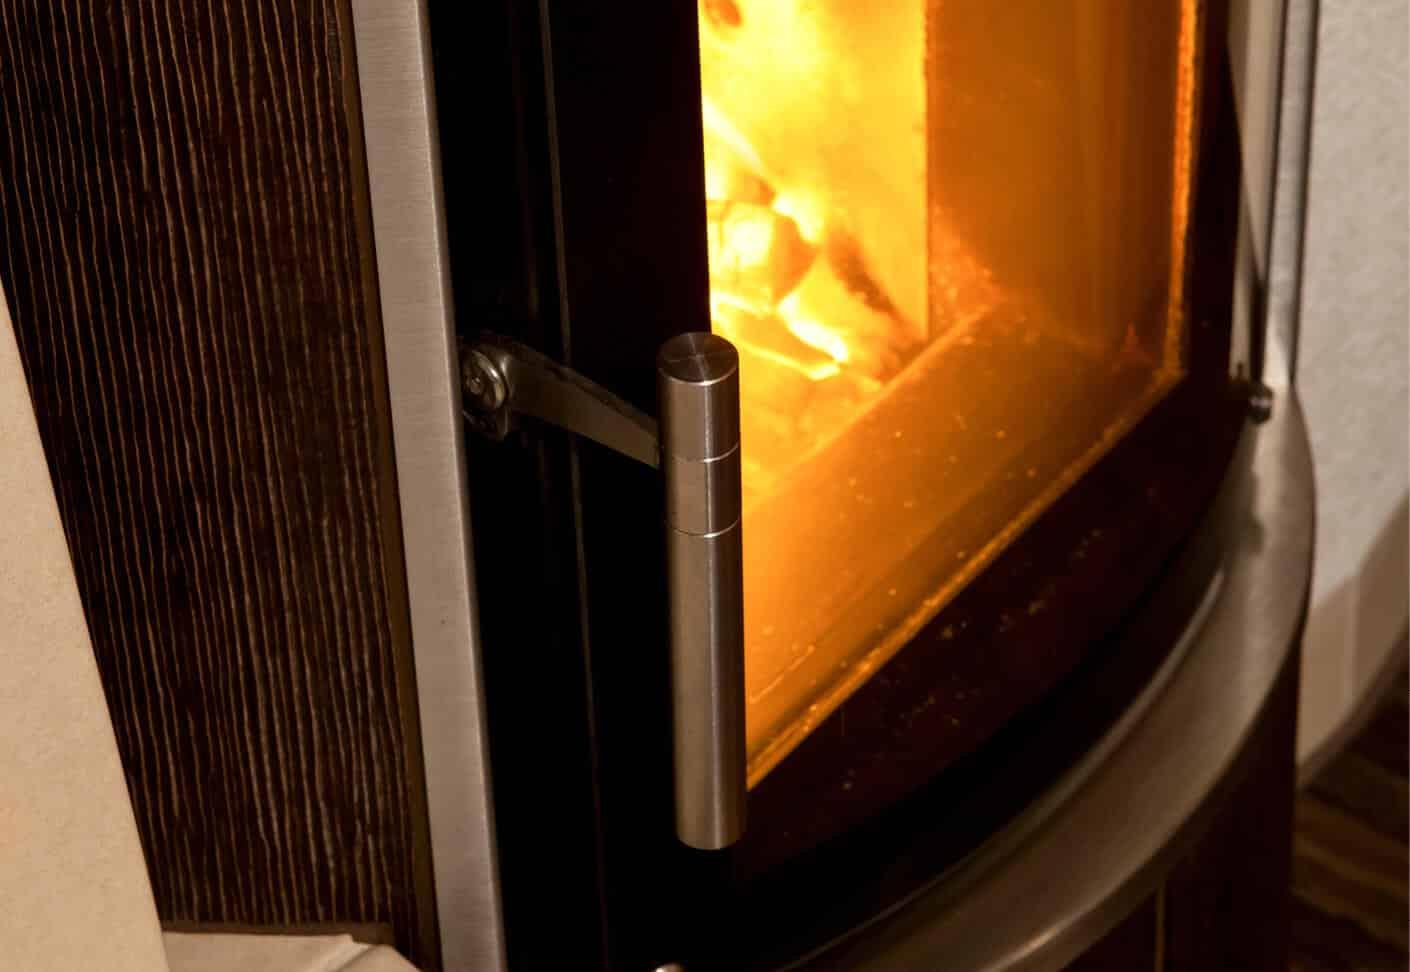 Türgriff einer Ofentüre, dahinter Feuer im Ofen